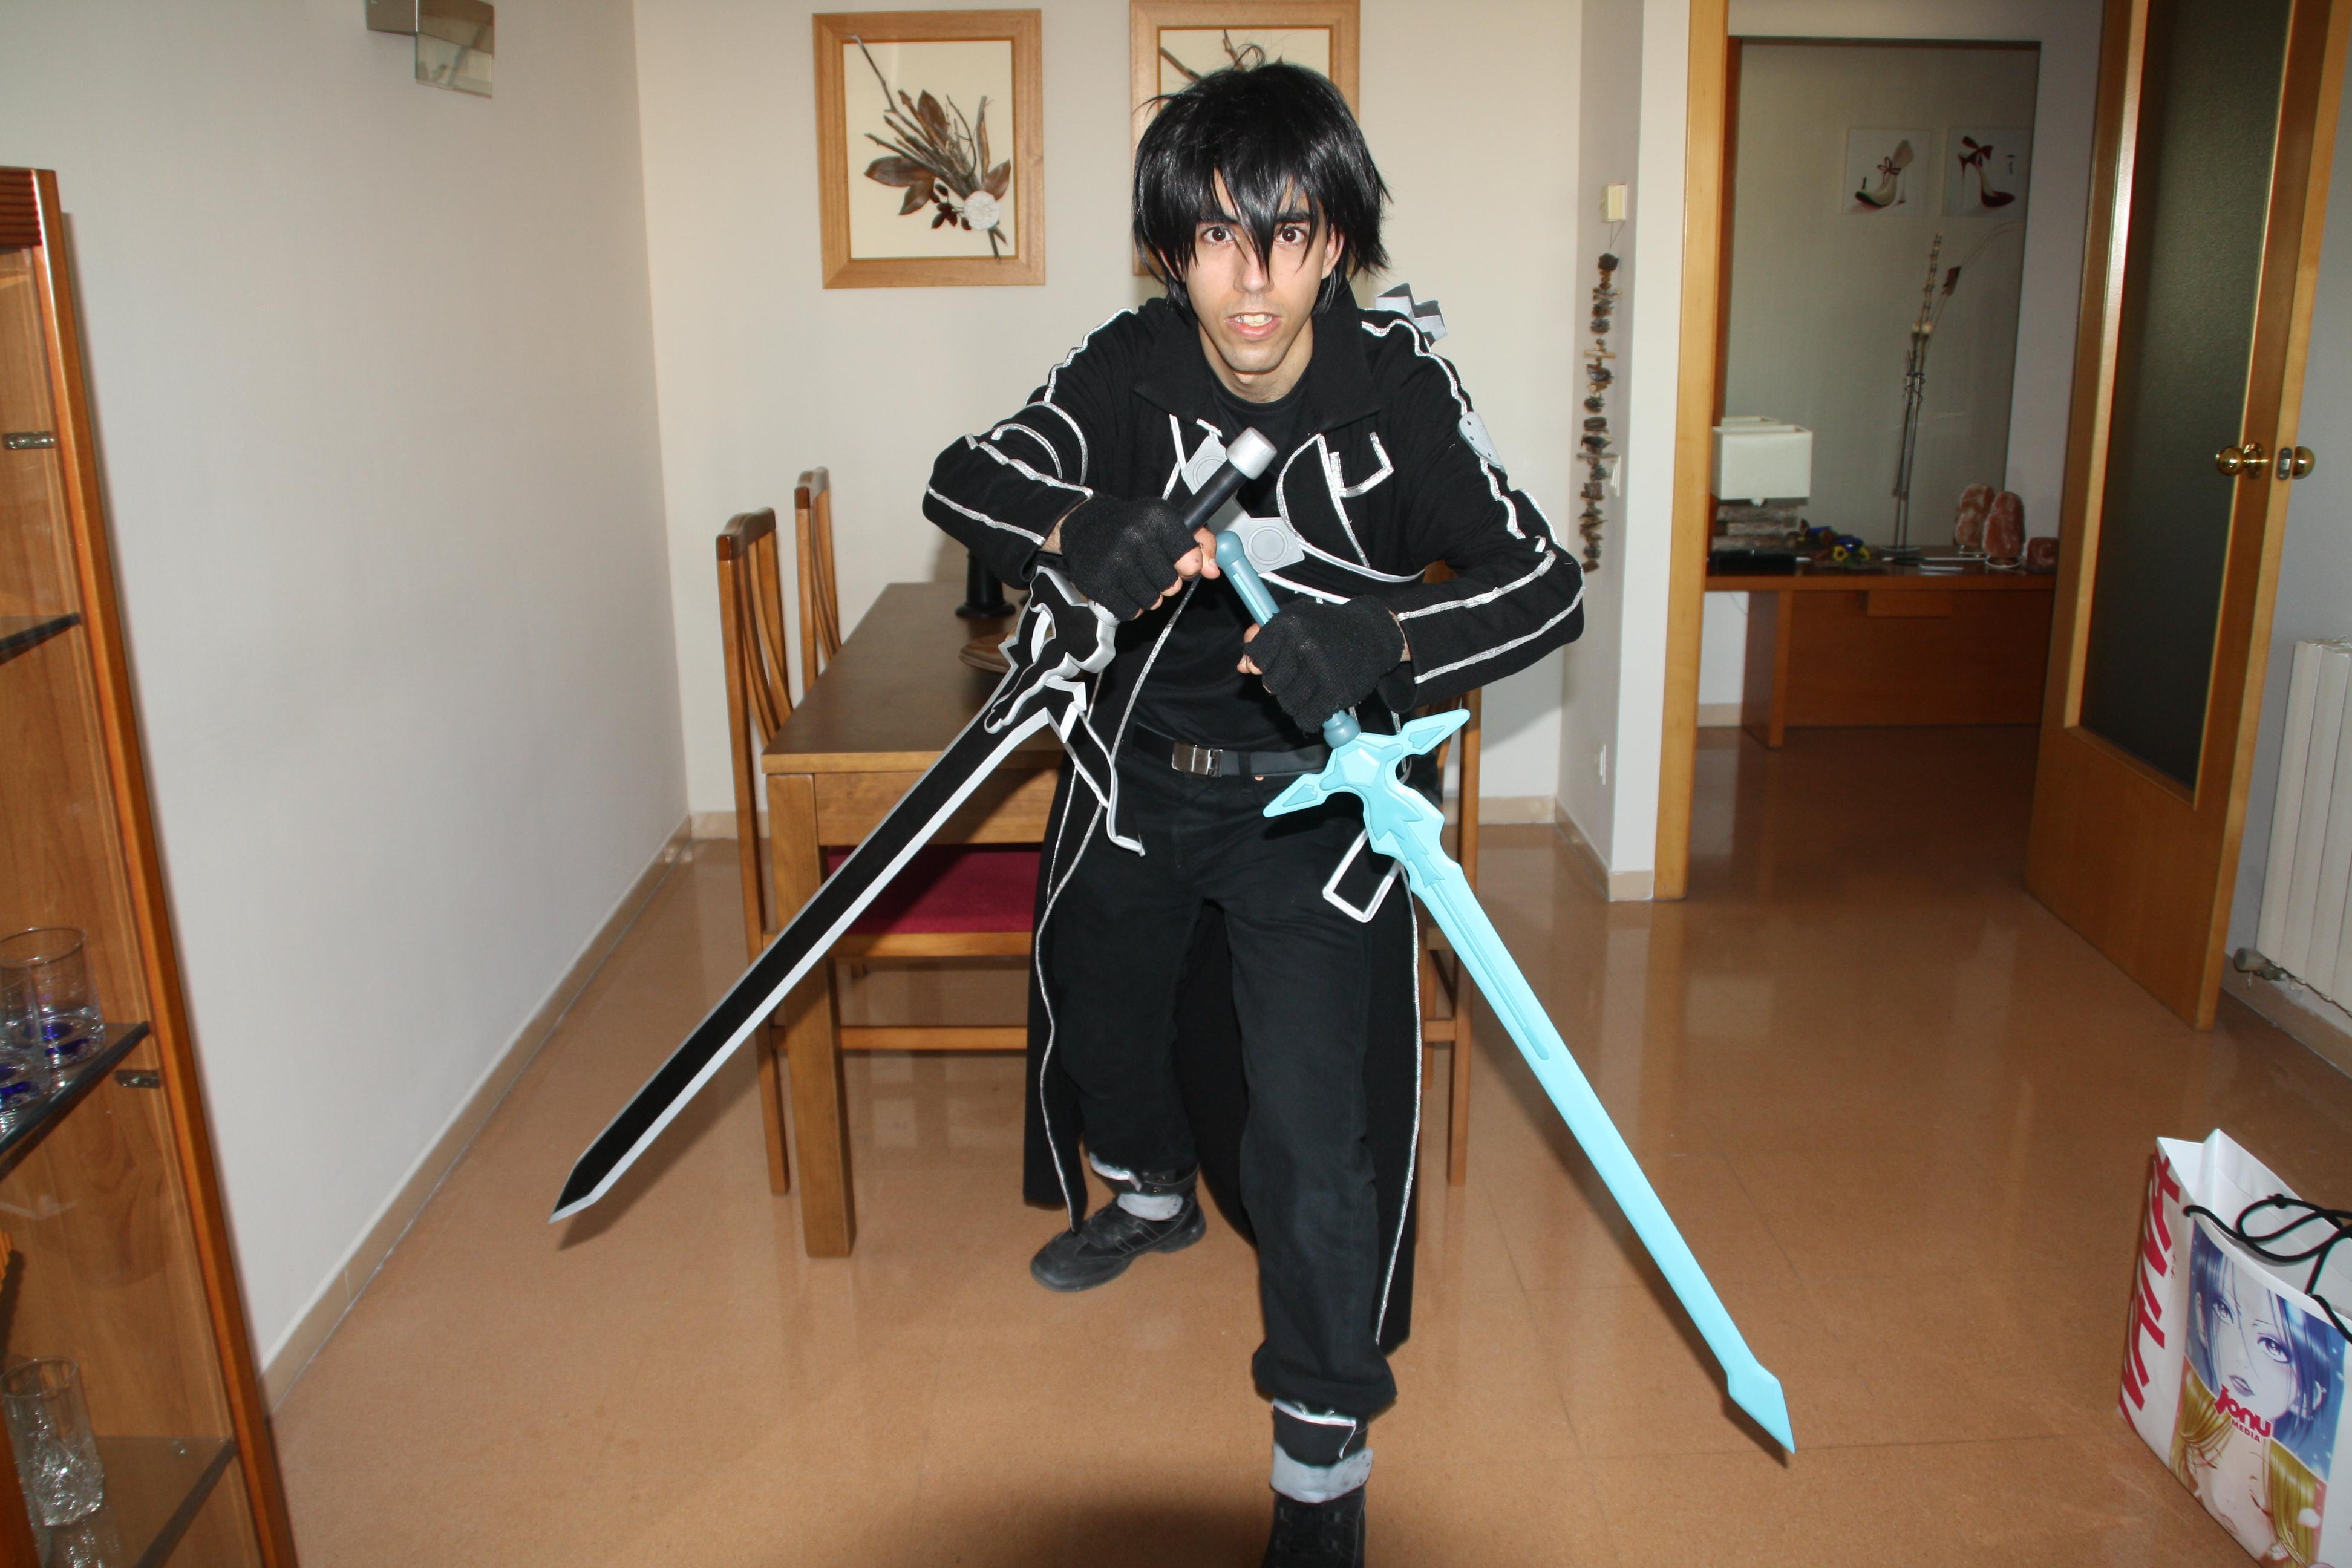 My friends Kirito cosplay